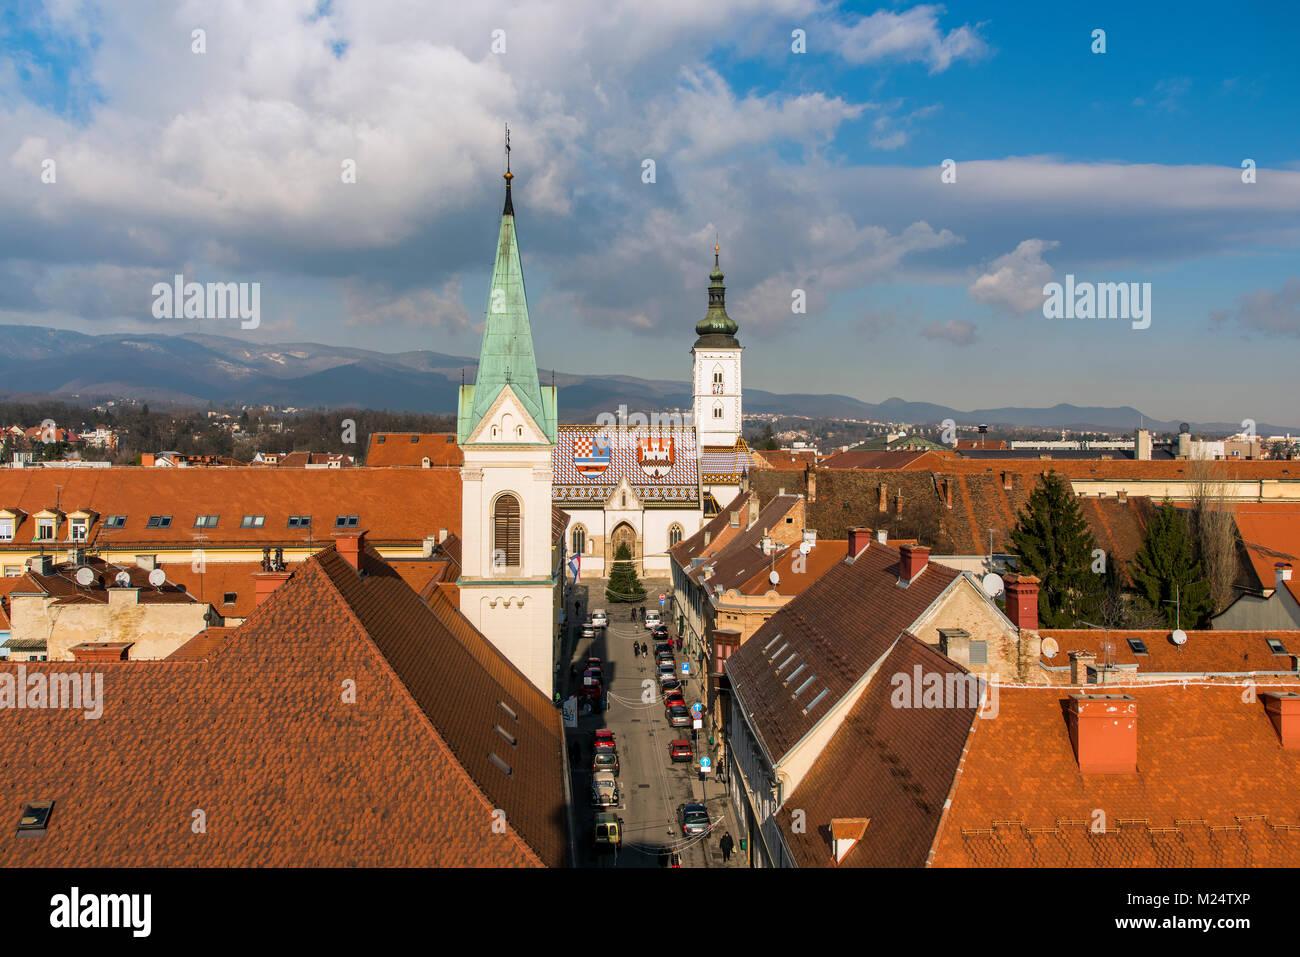 Les toits de la vieille ville avec l'église de Saint Marc, Zagreb, Croatie Photo Stock